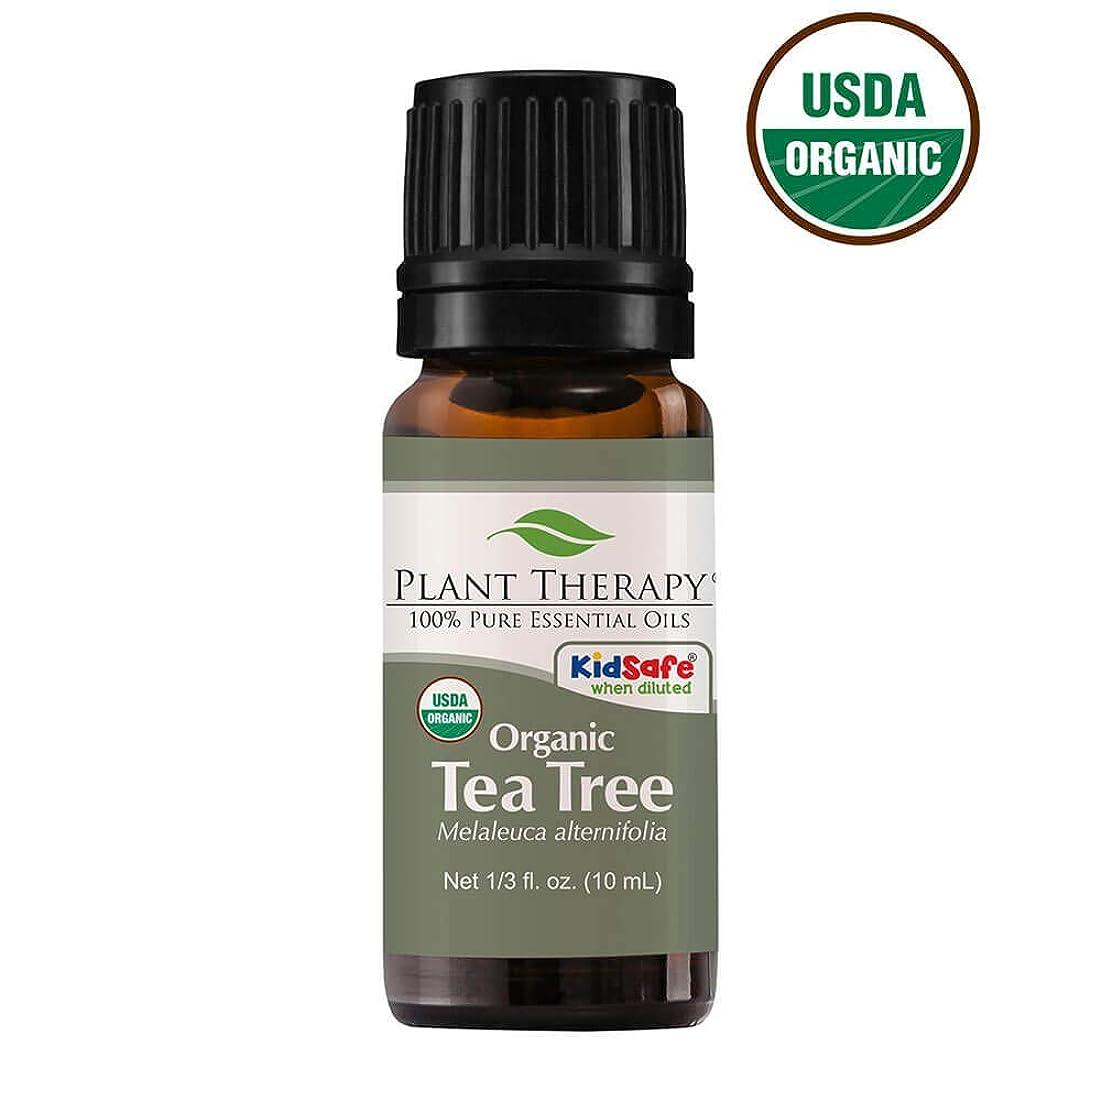 経済広々シャイニングPlant Therapy Essential Oils (プラントセラピー エッセンシャルオイル) オーガニック ティーツリー (メラルーカ) エッセンシャルオイル